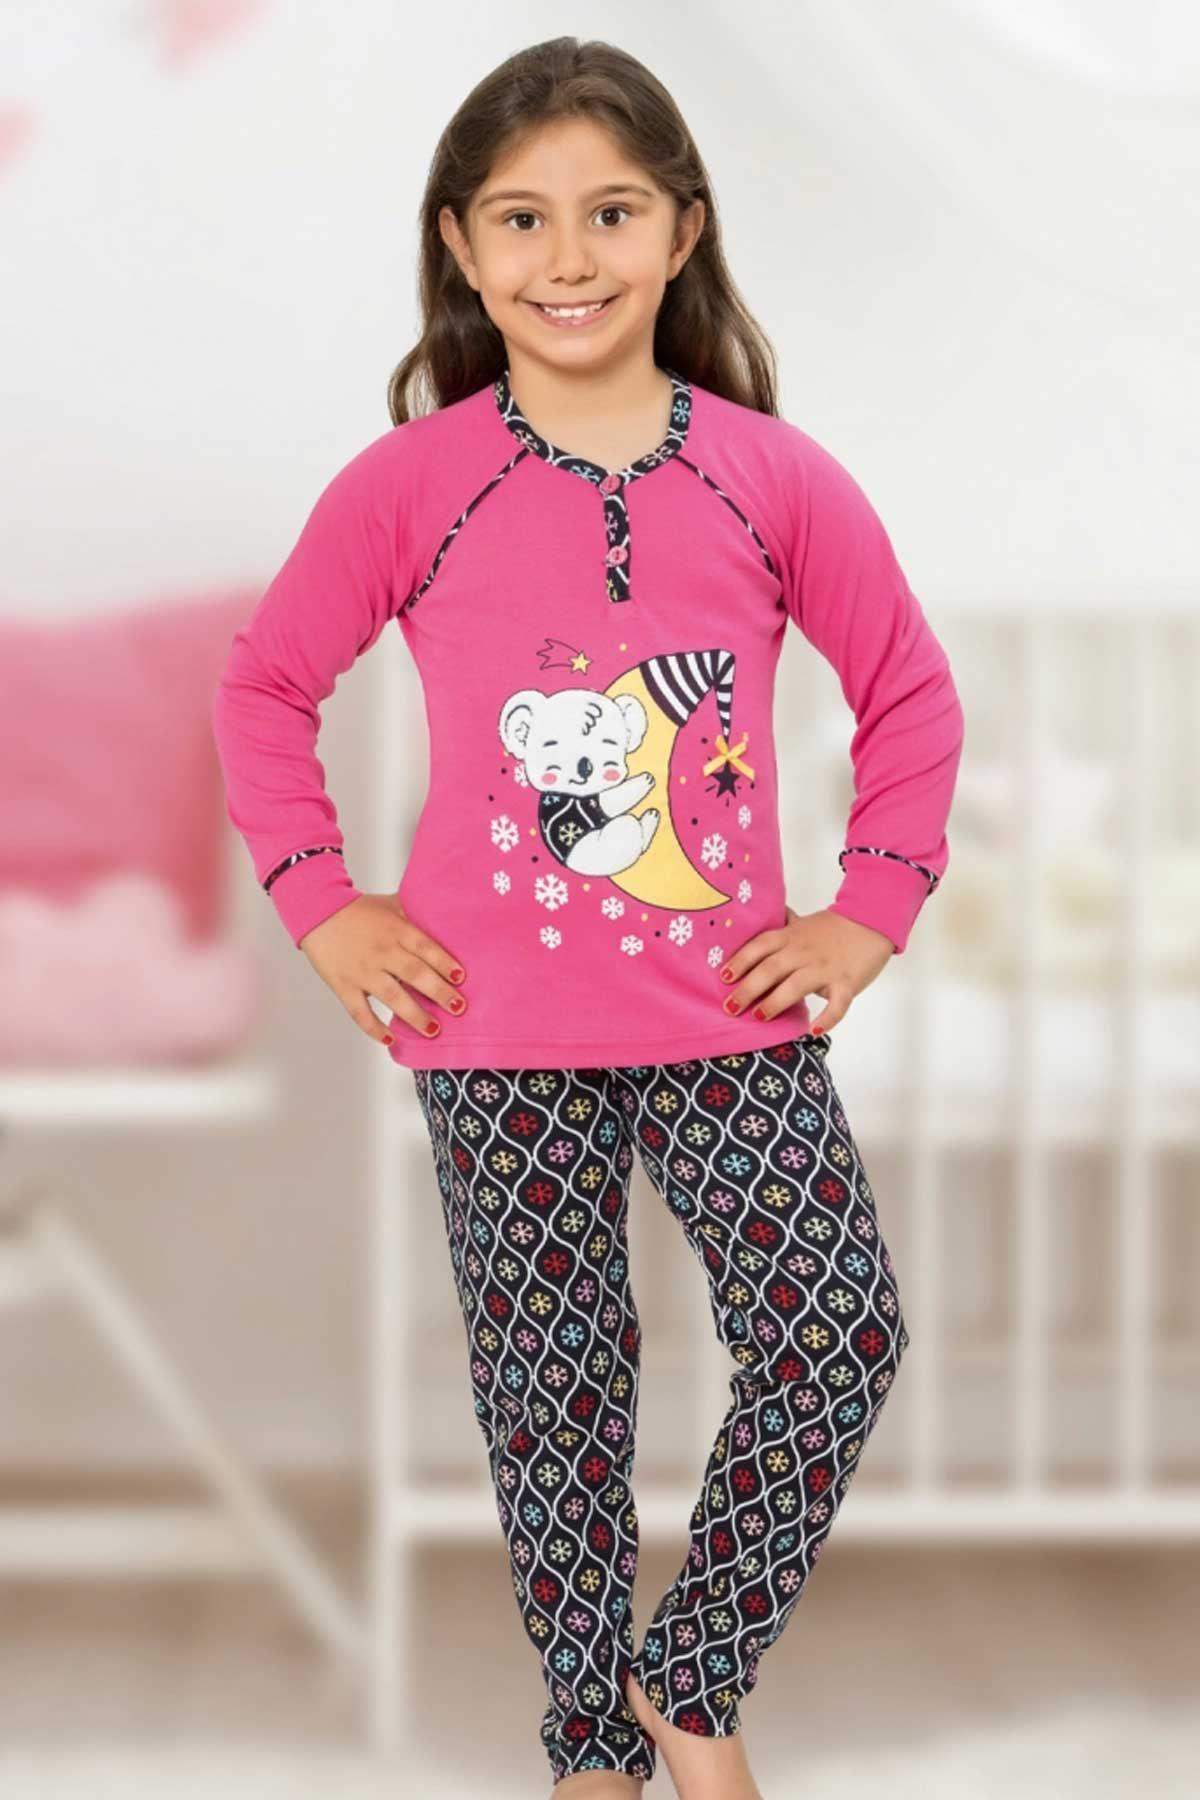 Fuchsia Girl Girls Pajamas Set Bottom Pajamas Top Pajamas Kids Daily Wear Homewear Cotton Comfortable Girls Children Pajamas